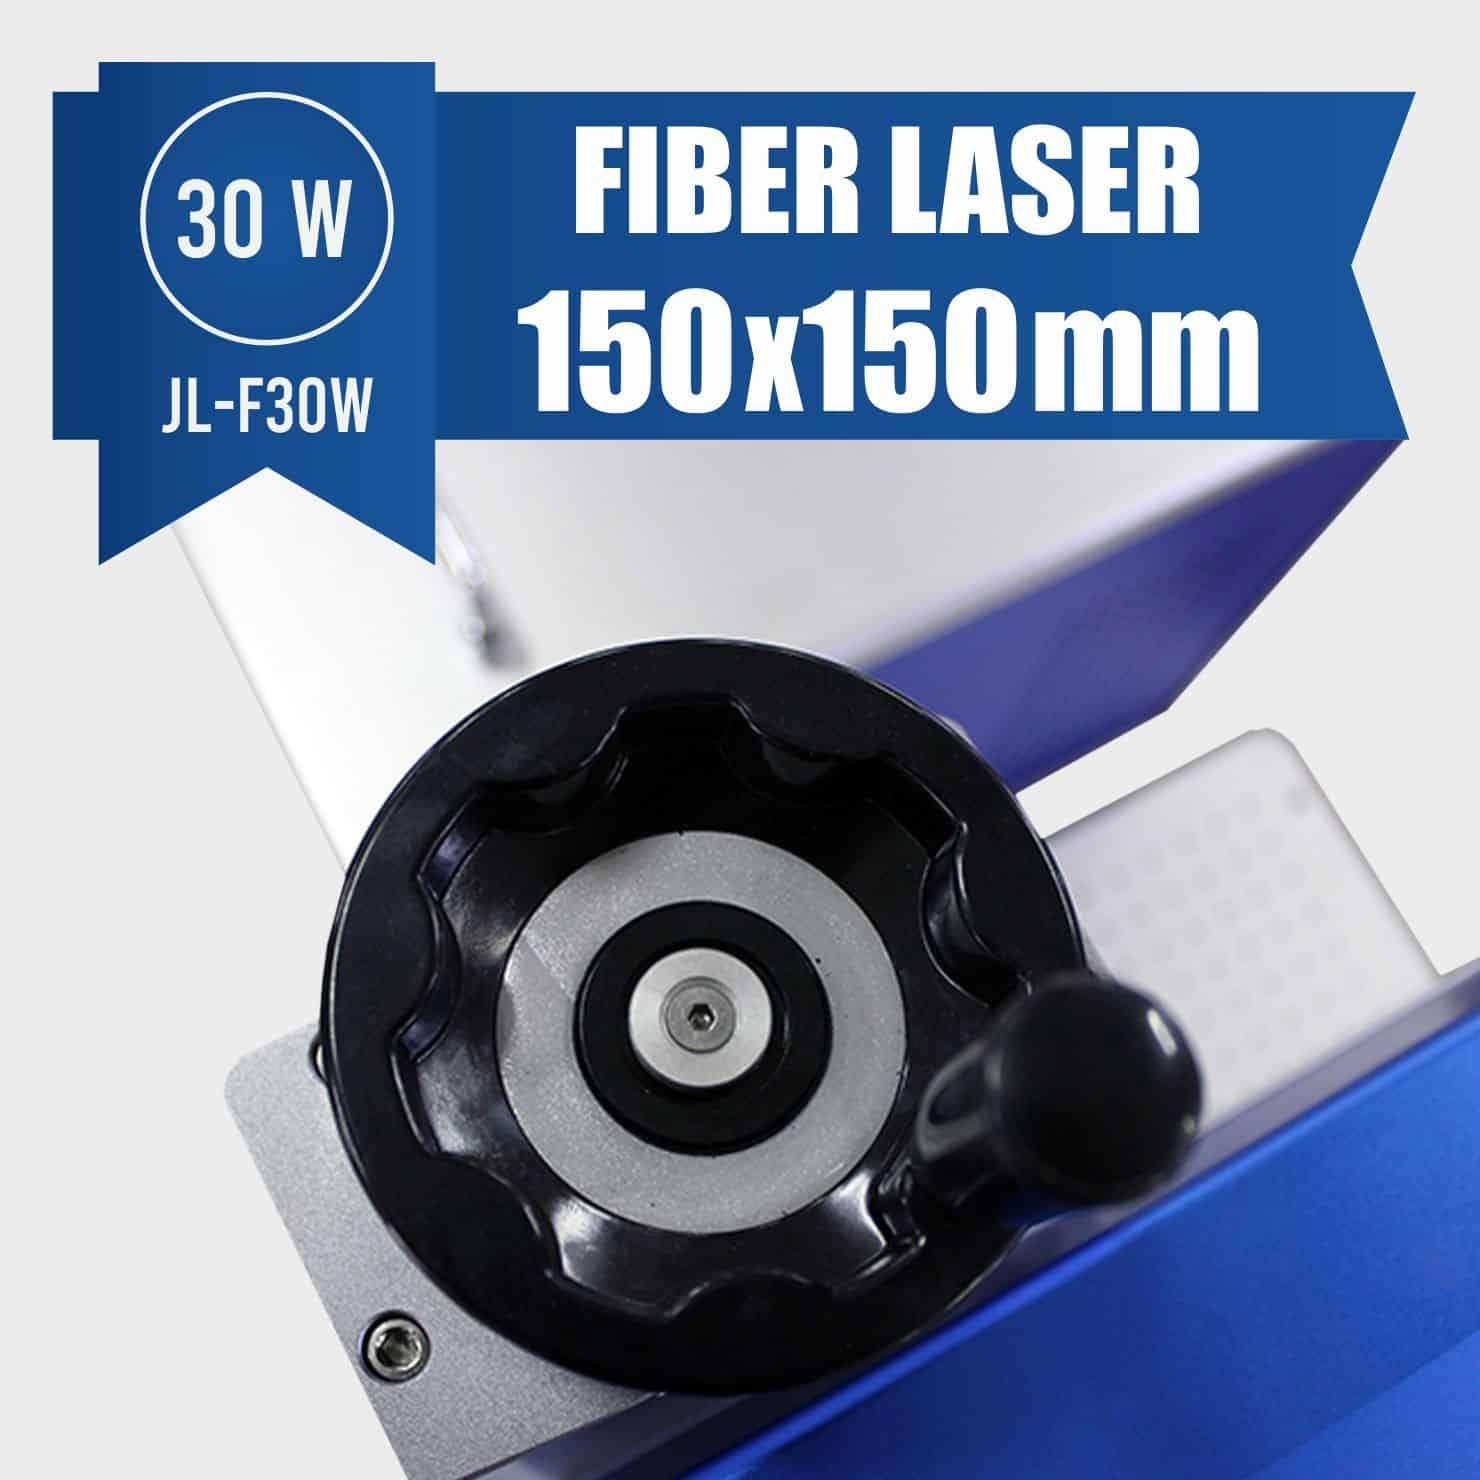 fiber laser 30w mobil